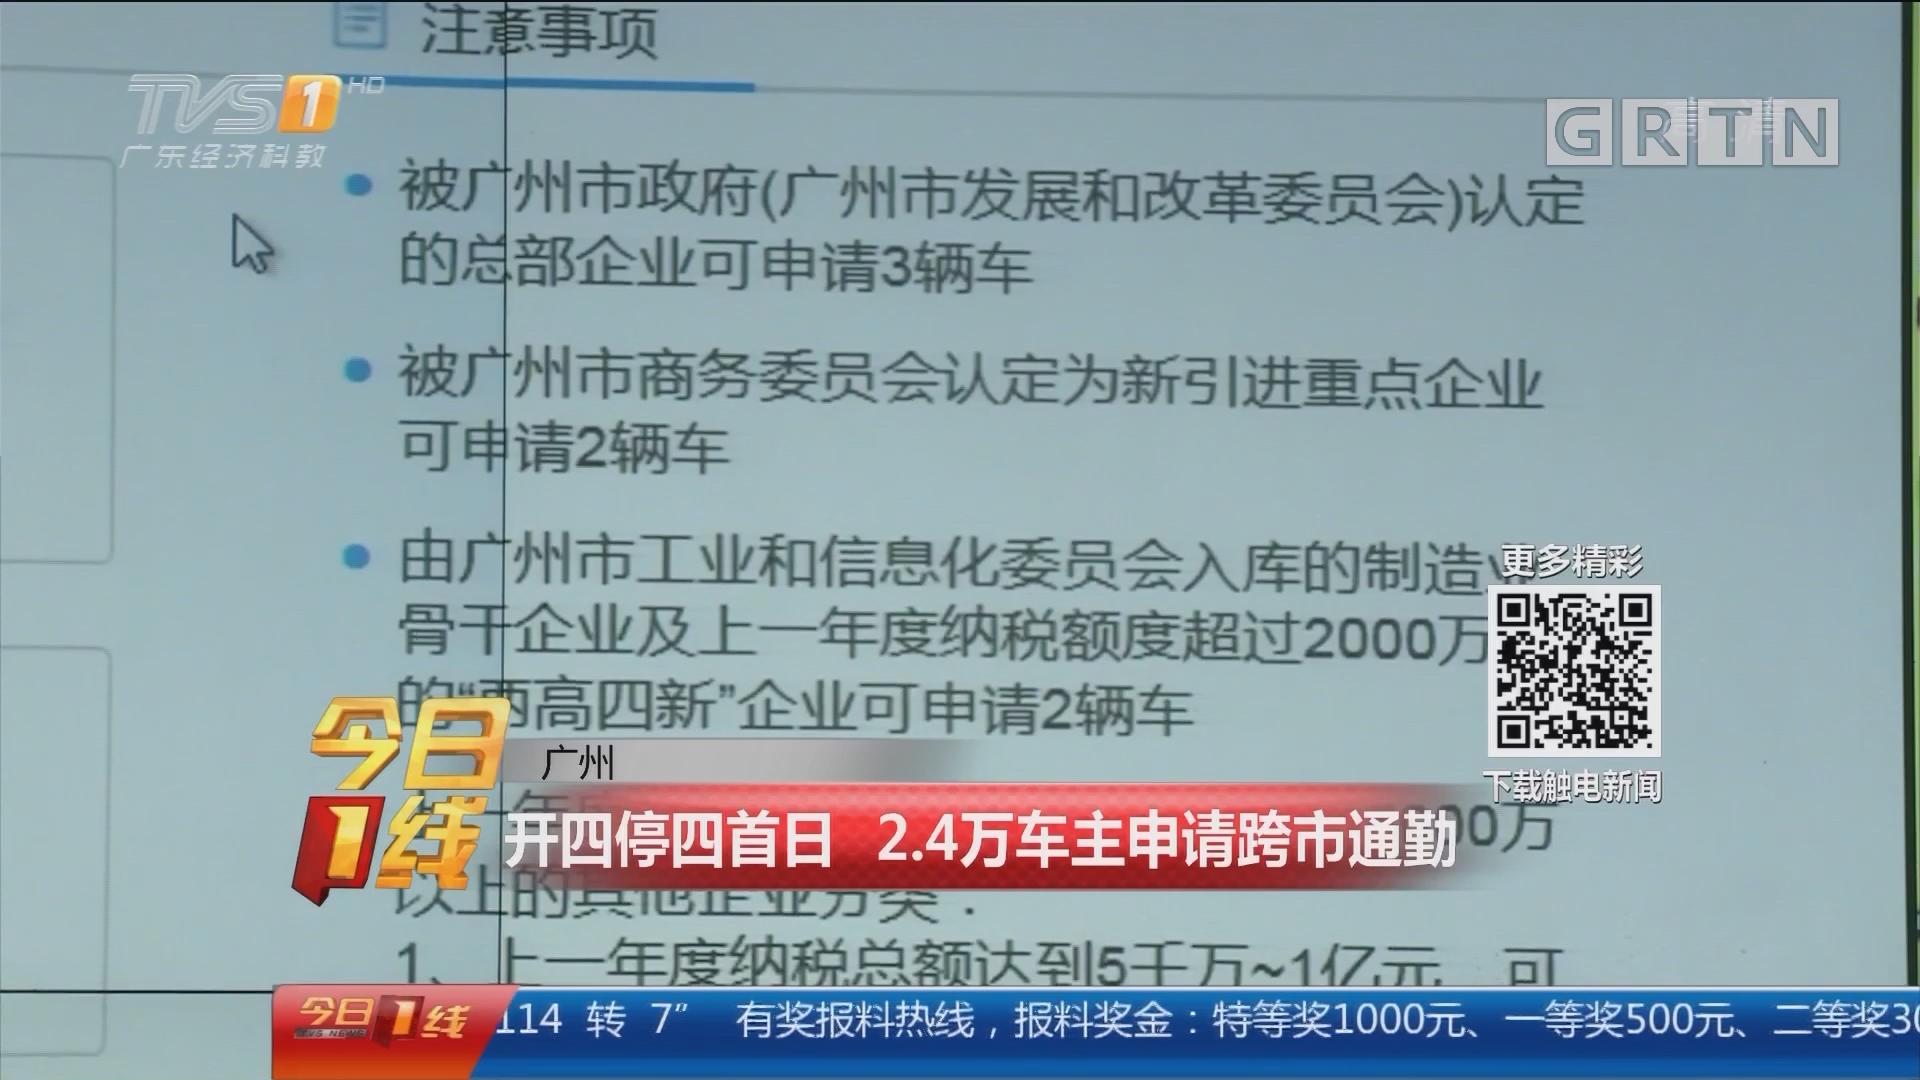 广州:开四停四首日 2.4万车主申请跨市通勤